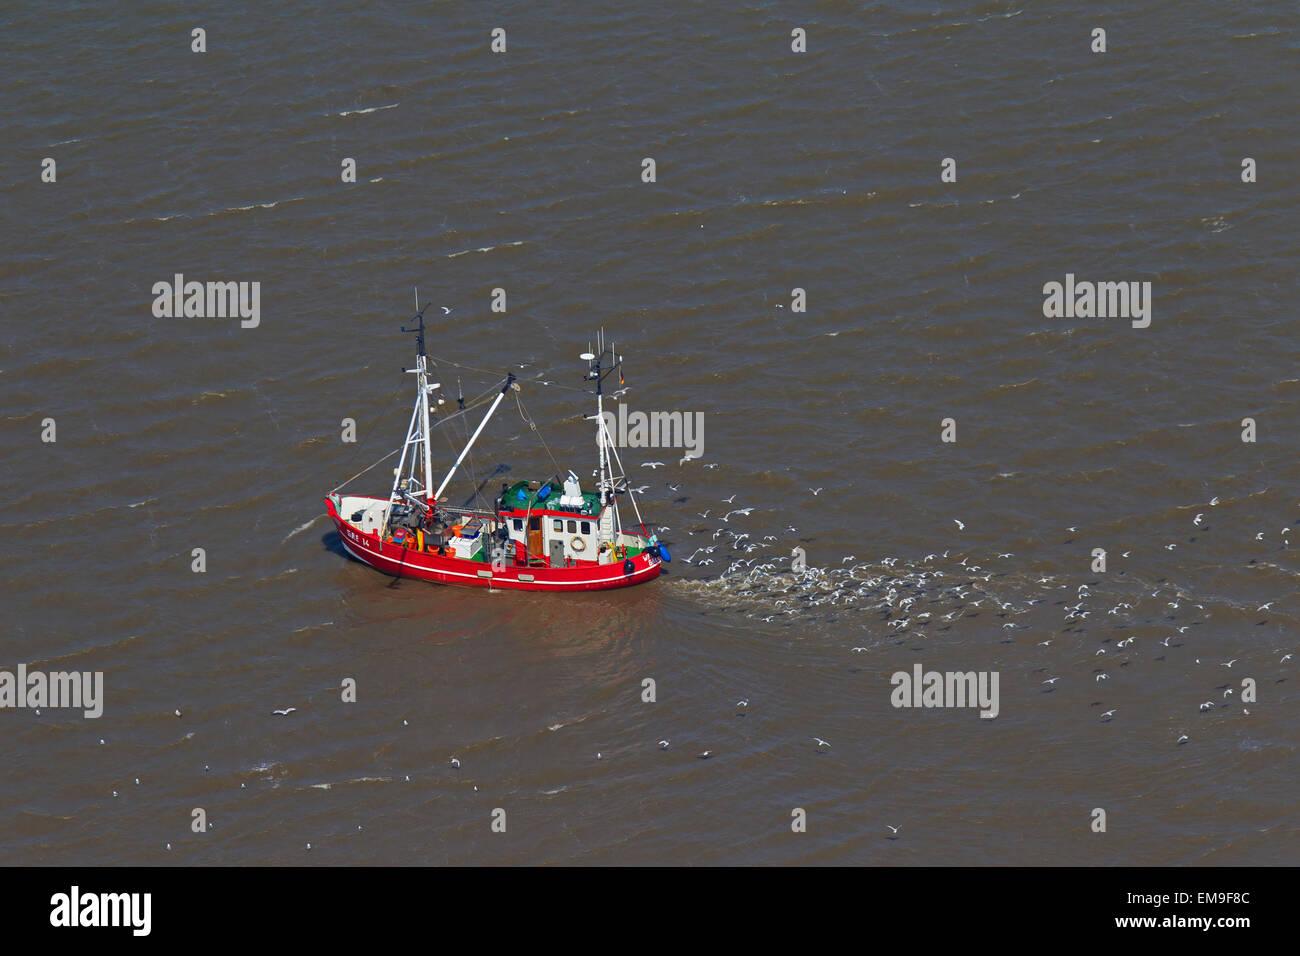 Vista aérea de camarones rojos barco arrastrero la pesca de camarones en el mar, seguidos por las gaviotas Foto de stock